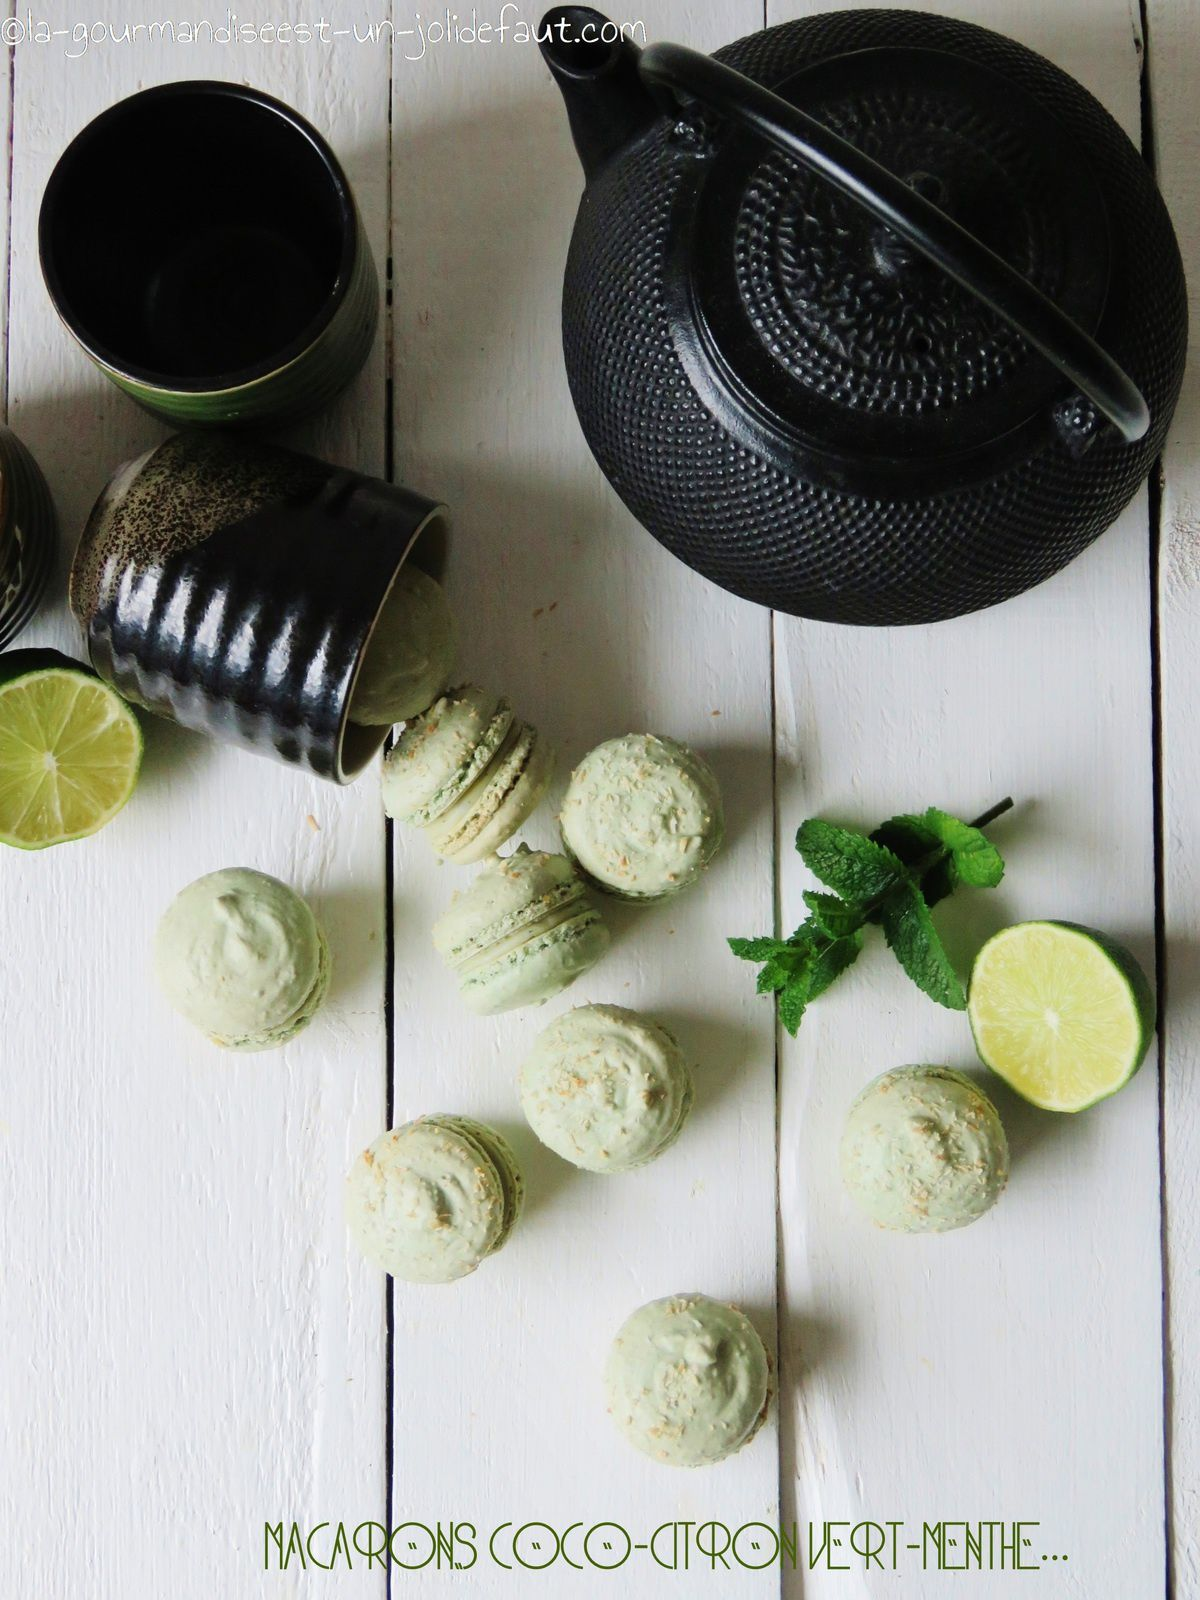 Macarons coco-citron vert-menthe